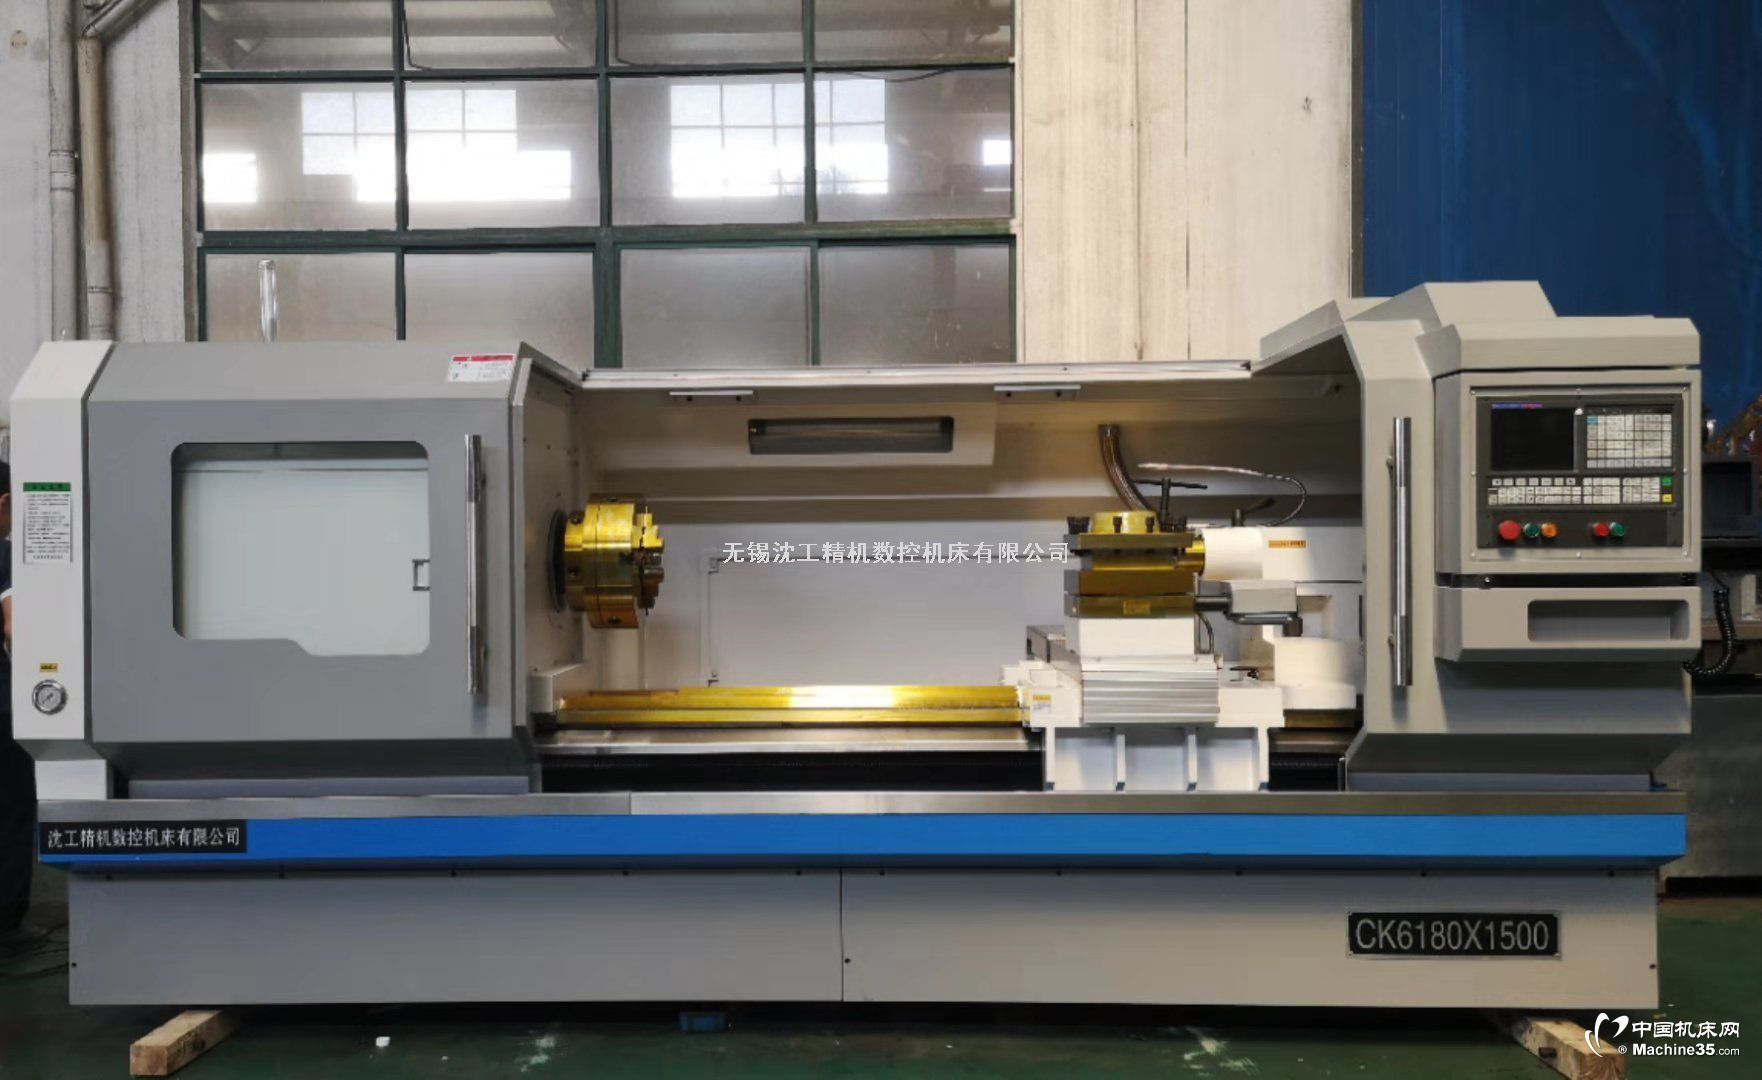 ck6180数控车床厂家直销 无锡专业生产厂家